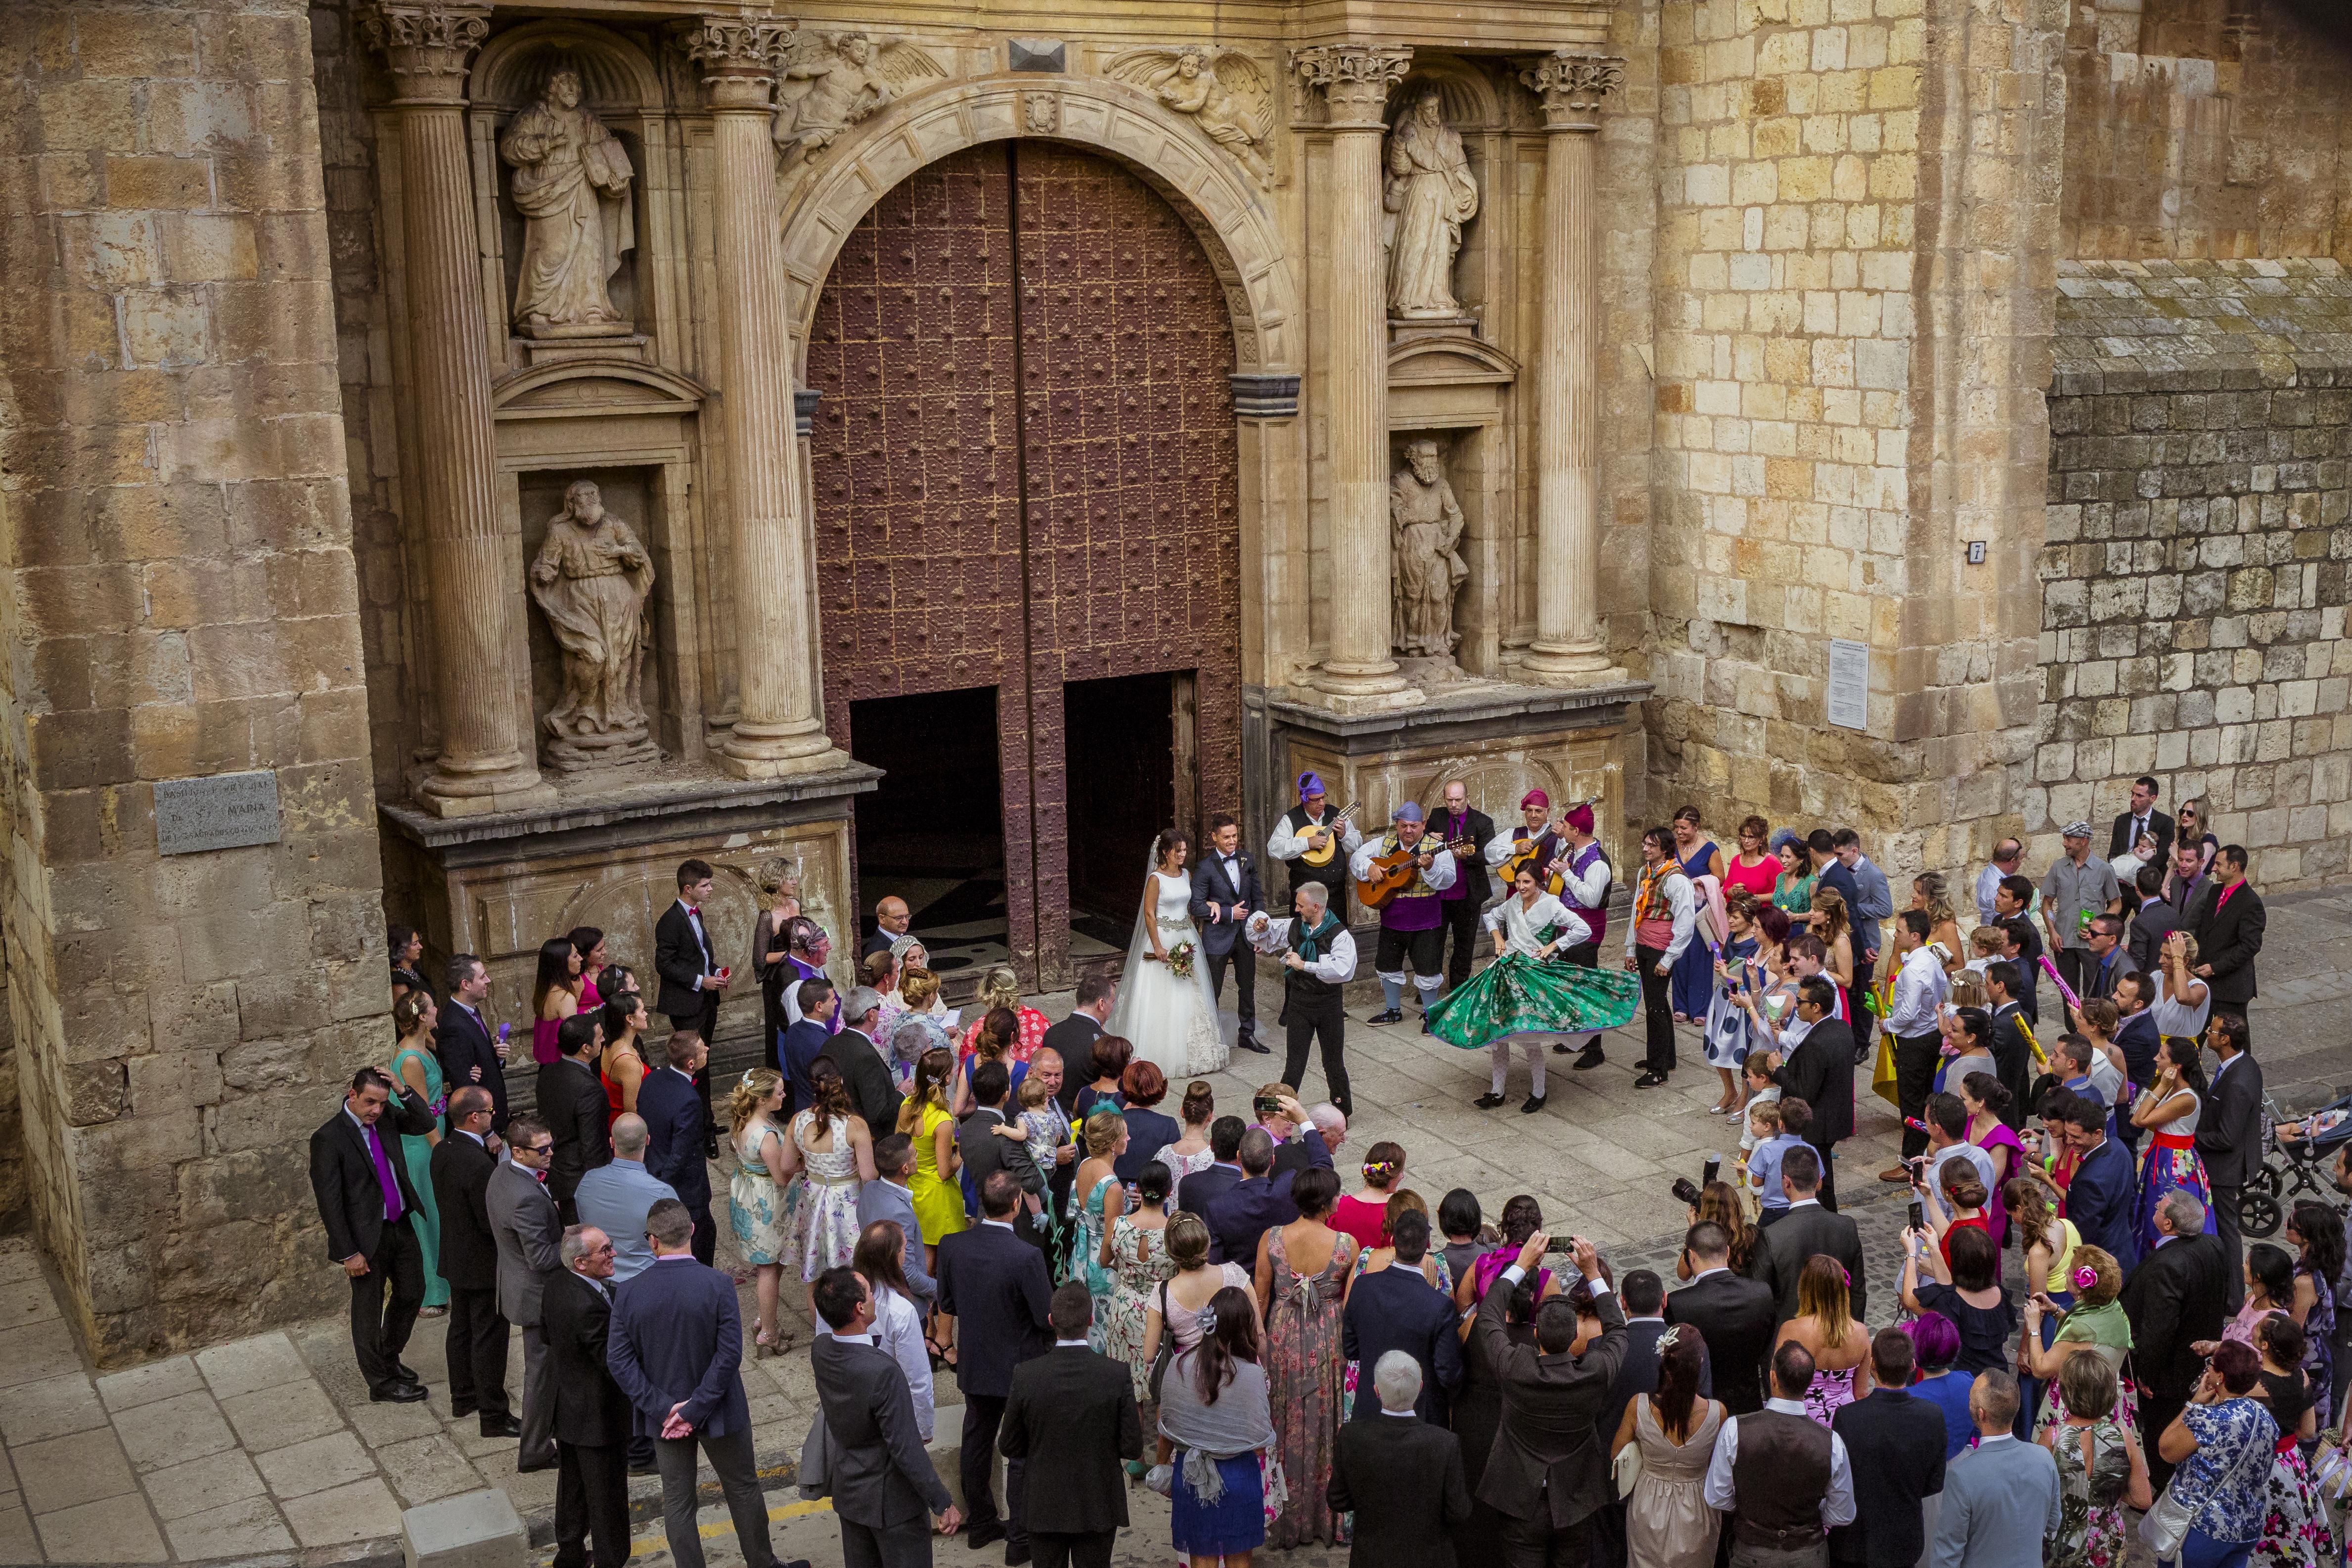 mandarina wedding, fotografos de boda, fotoperiodismo de boda, mejores fotografos de boda, bodas soria, bodas pirineo, bodas Madrid, fotógrafo daroca_24